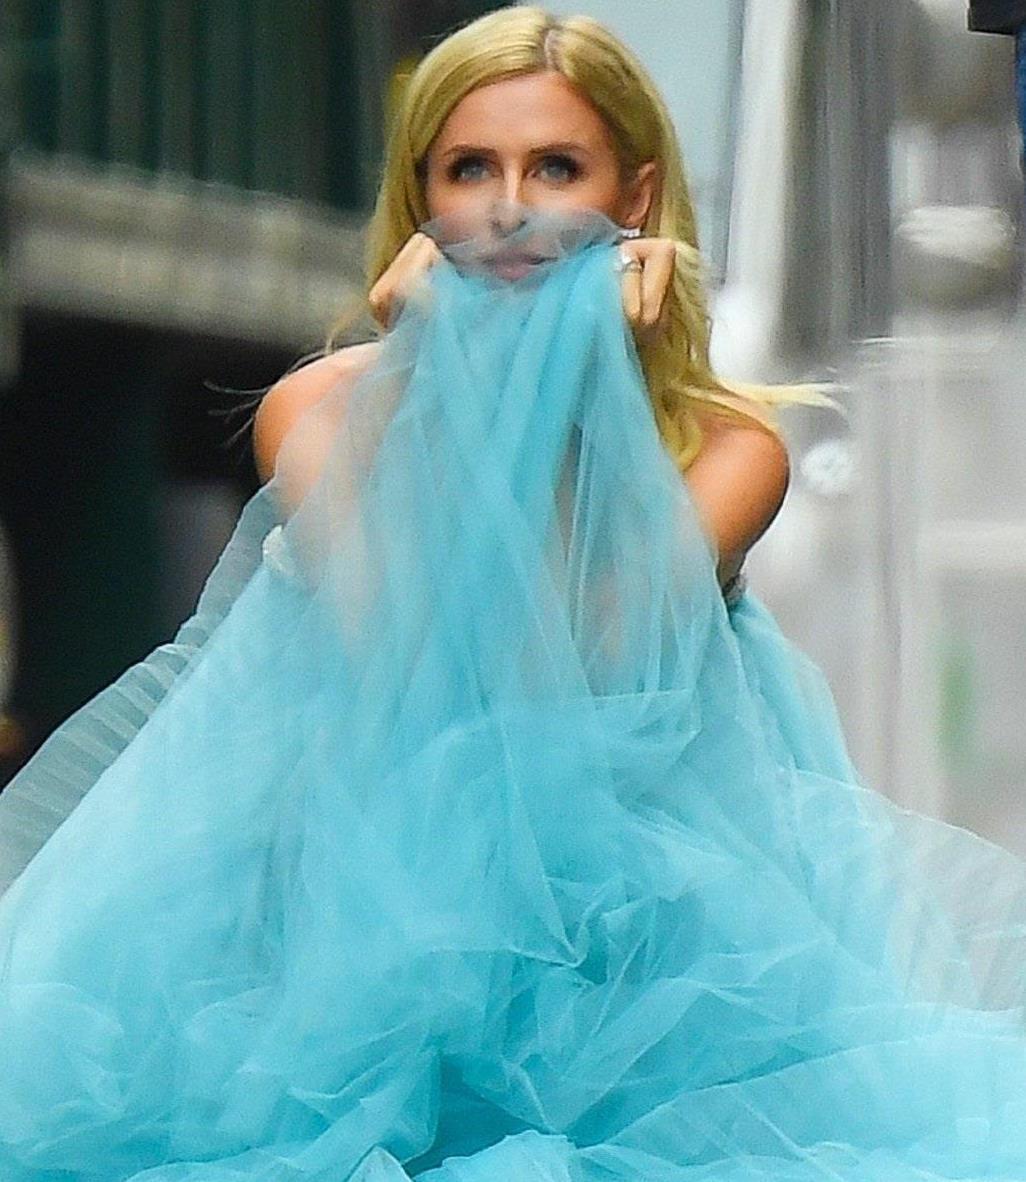 妮基·希尔顿穿蓝色露肩纱裙飘逸唯美,金发飘飘,高贵又浪漫